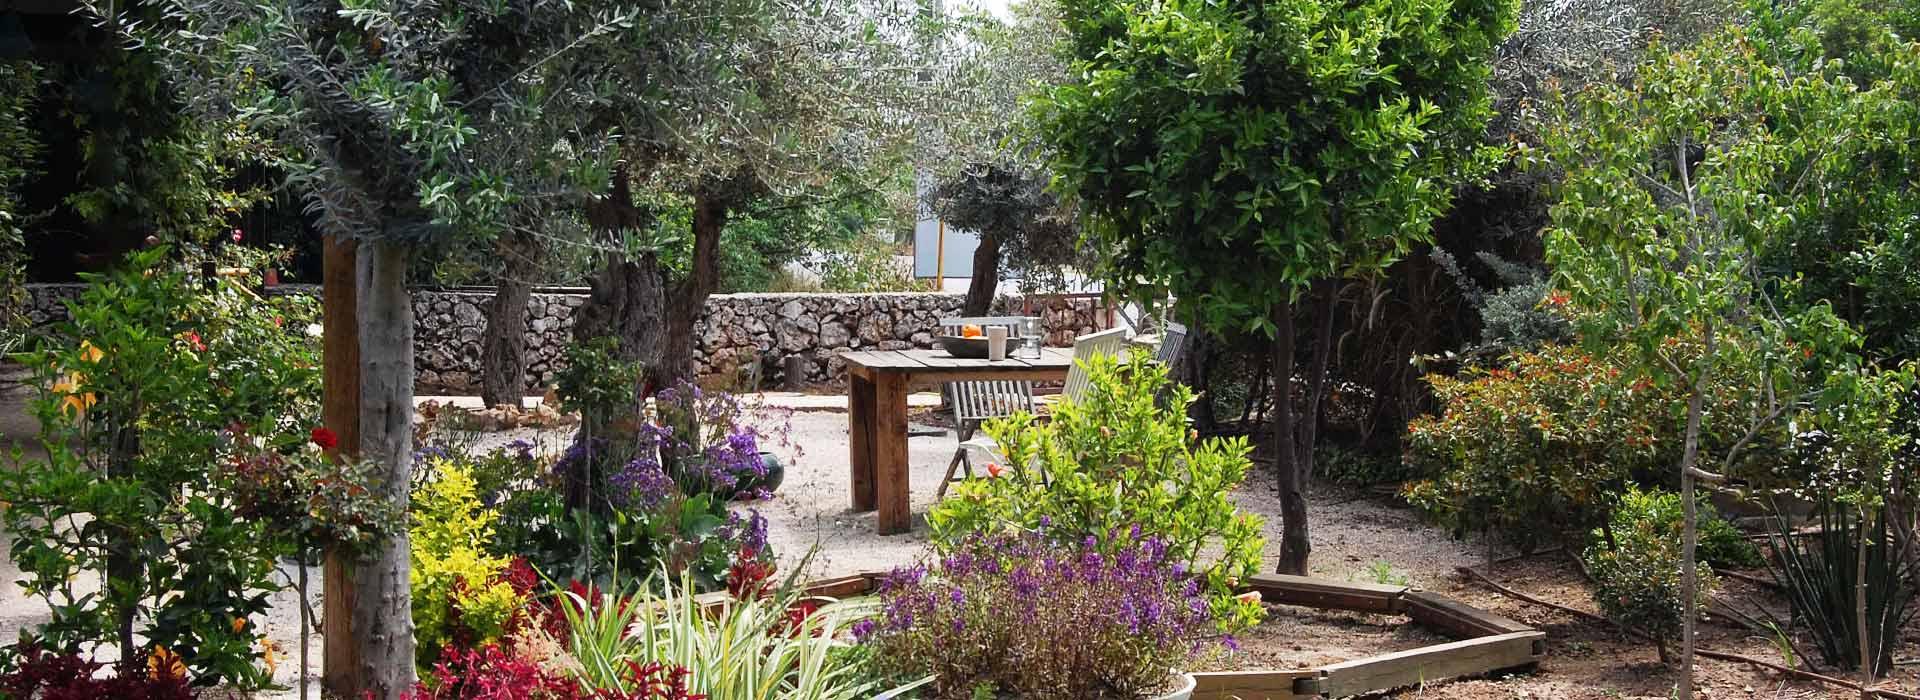 פרגולות וריהוט עץ לגינה